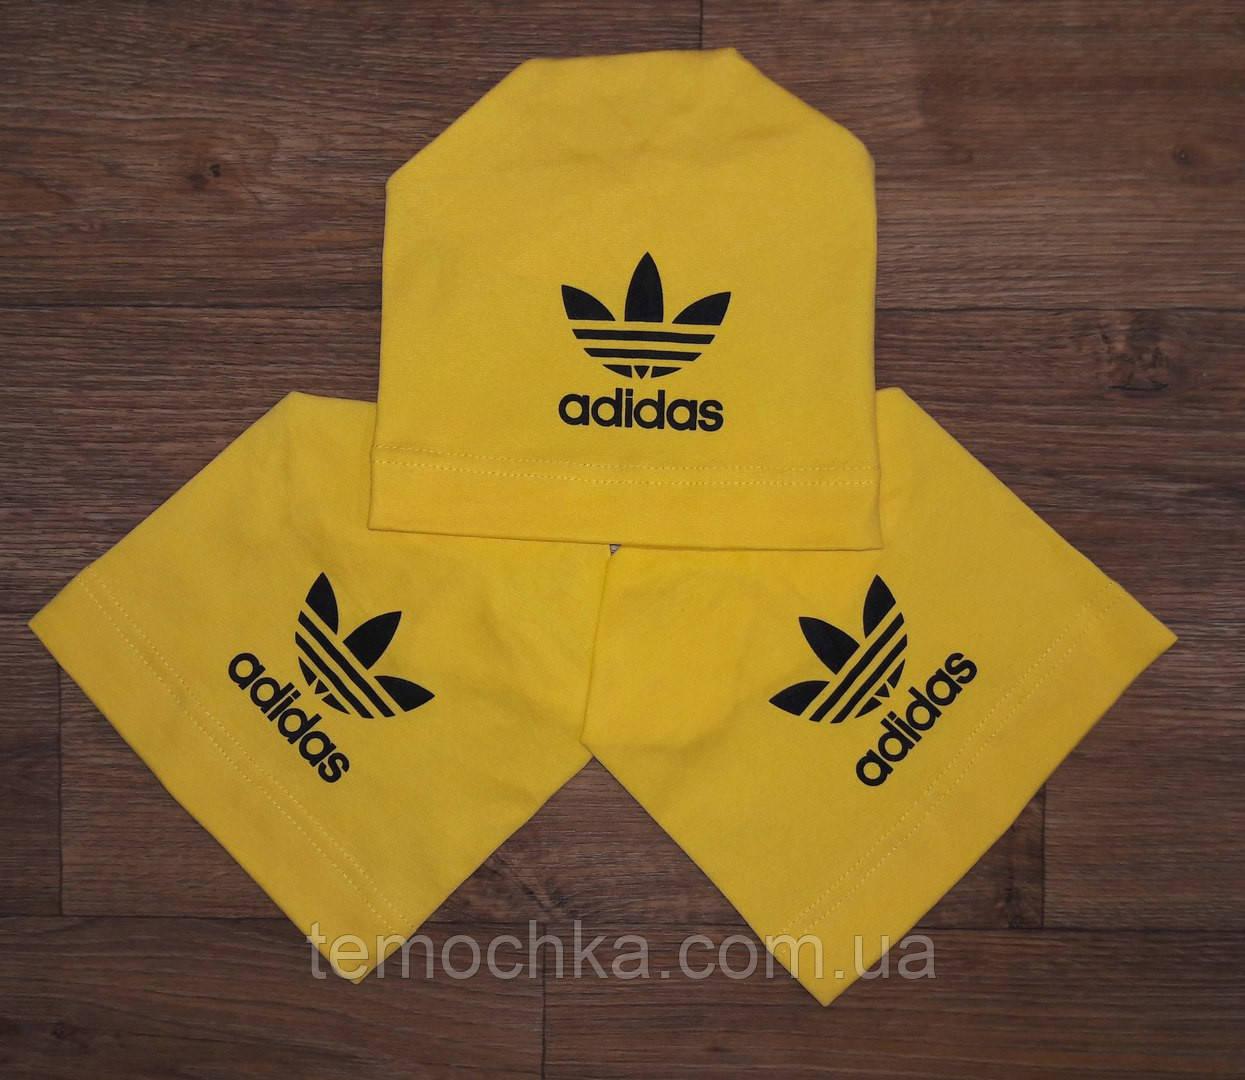 Шапка шапочка желтая спортивная детская для мальчика или девочки Адидас Adidas